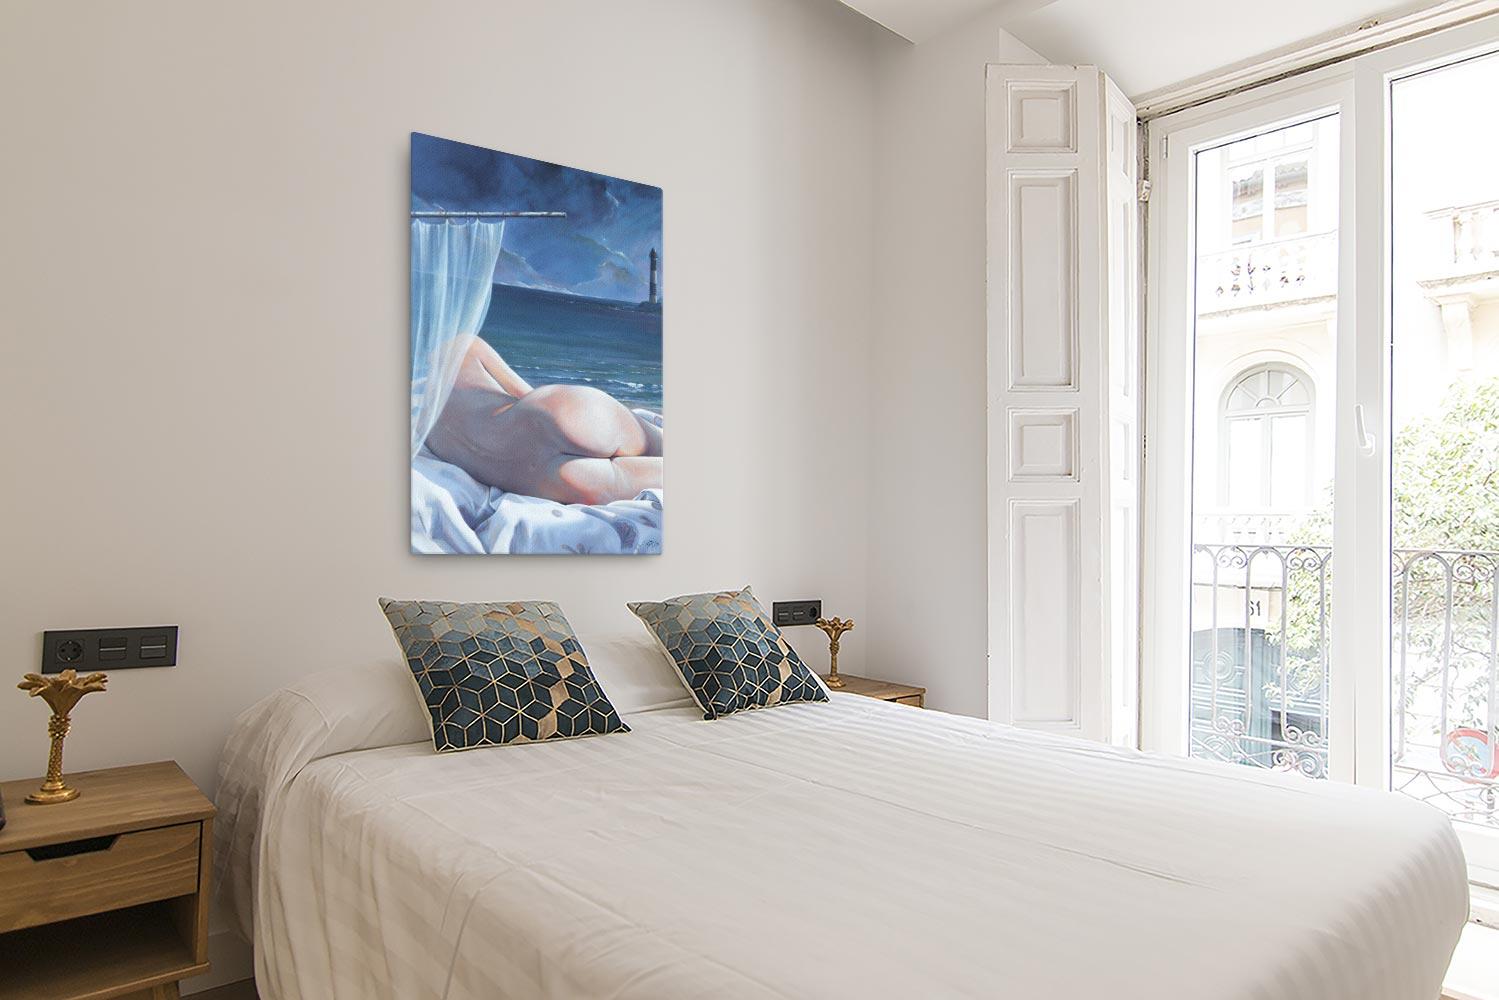 Reproducción de arte en lienzo - Dormitorio con Balcón - Momento de Descanso - Óleo - Paisaje con modelo - Realismo -pintado por Fernando Pagador